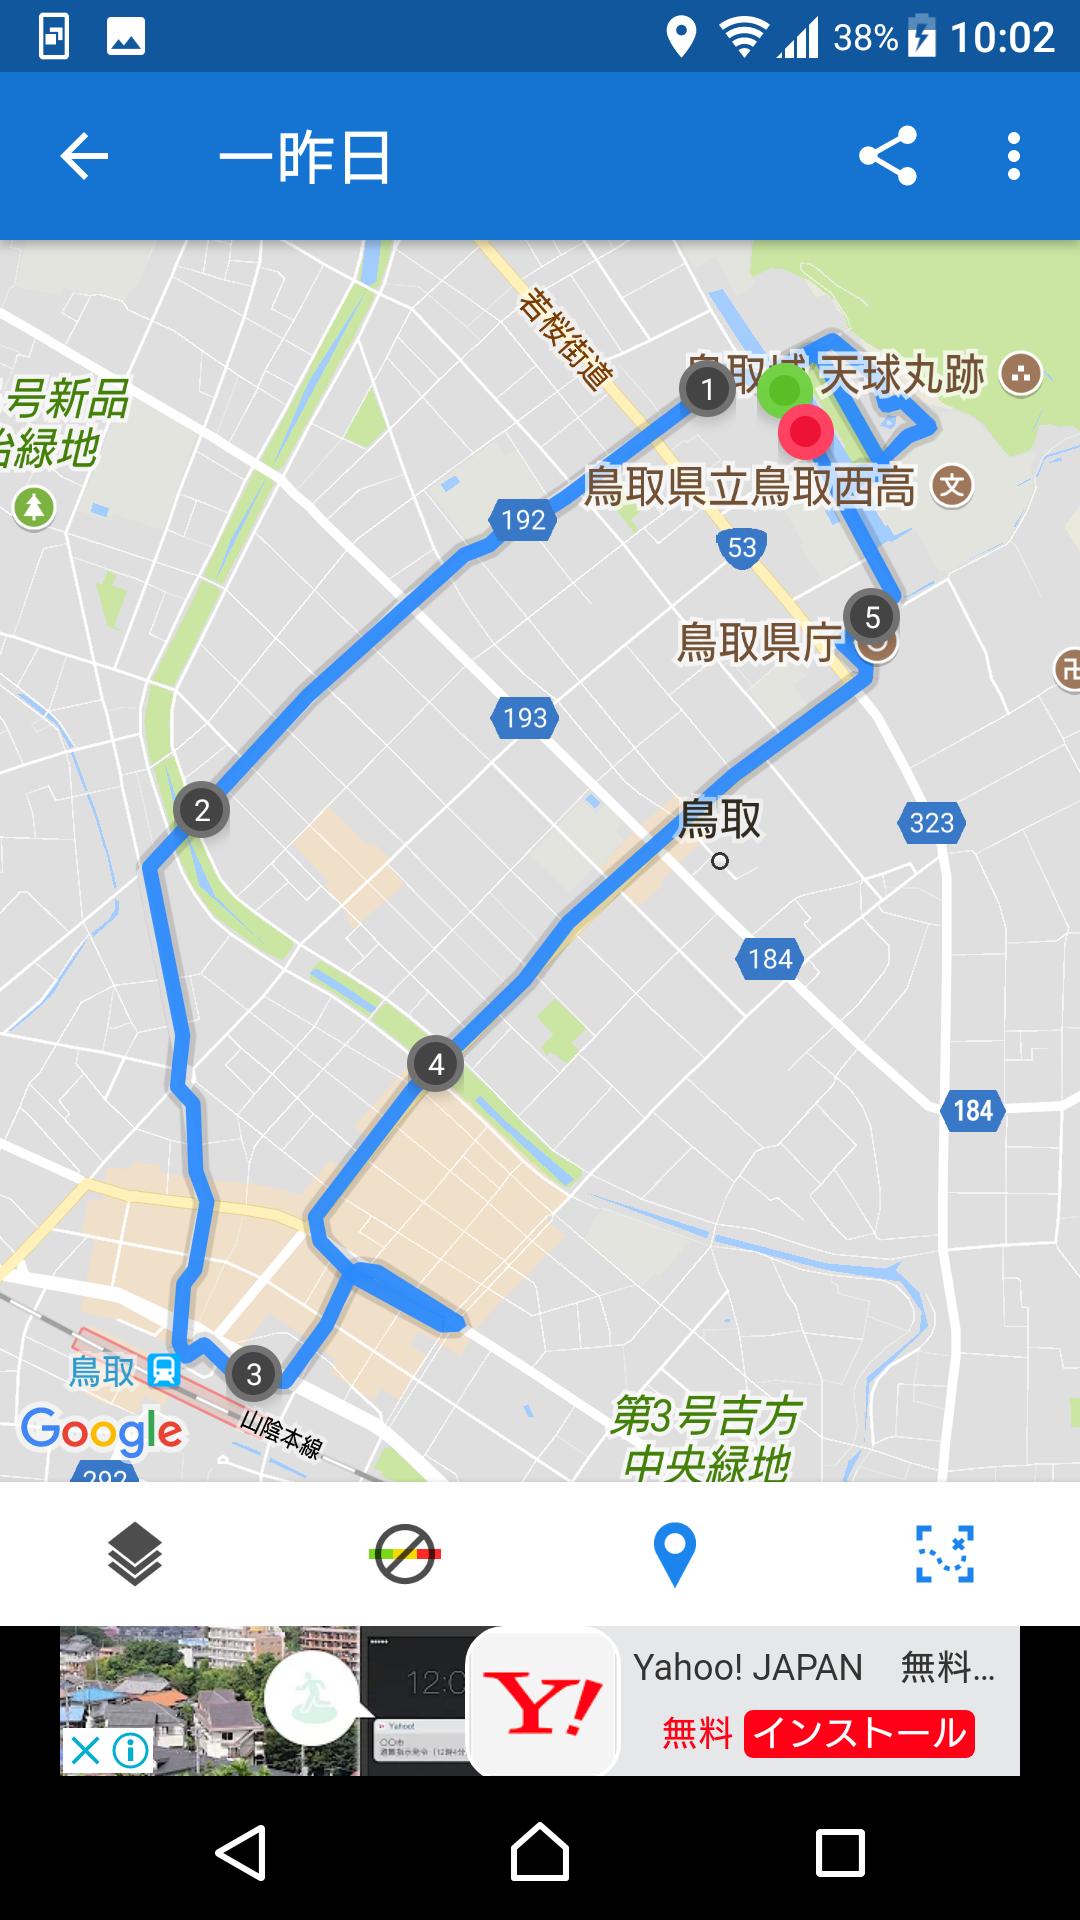 f:id:ynakayama27:20170807101904p:plain